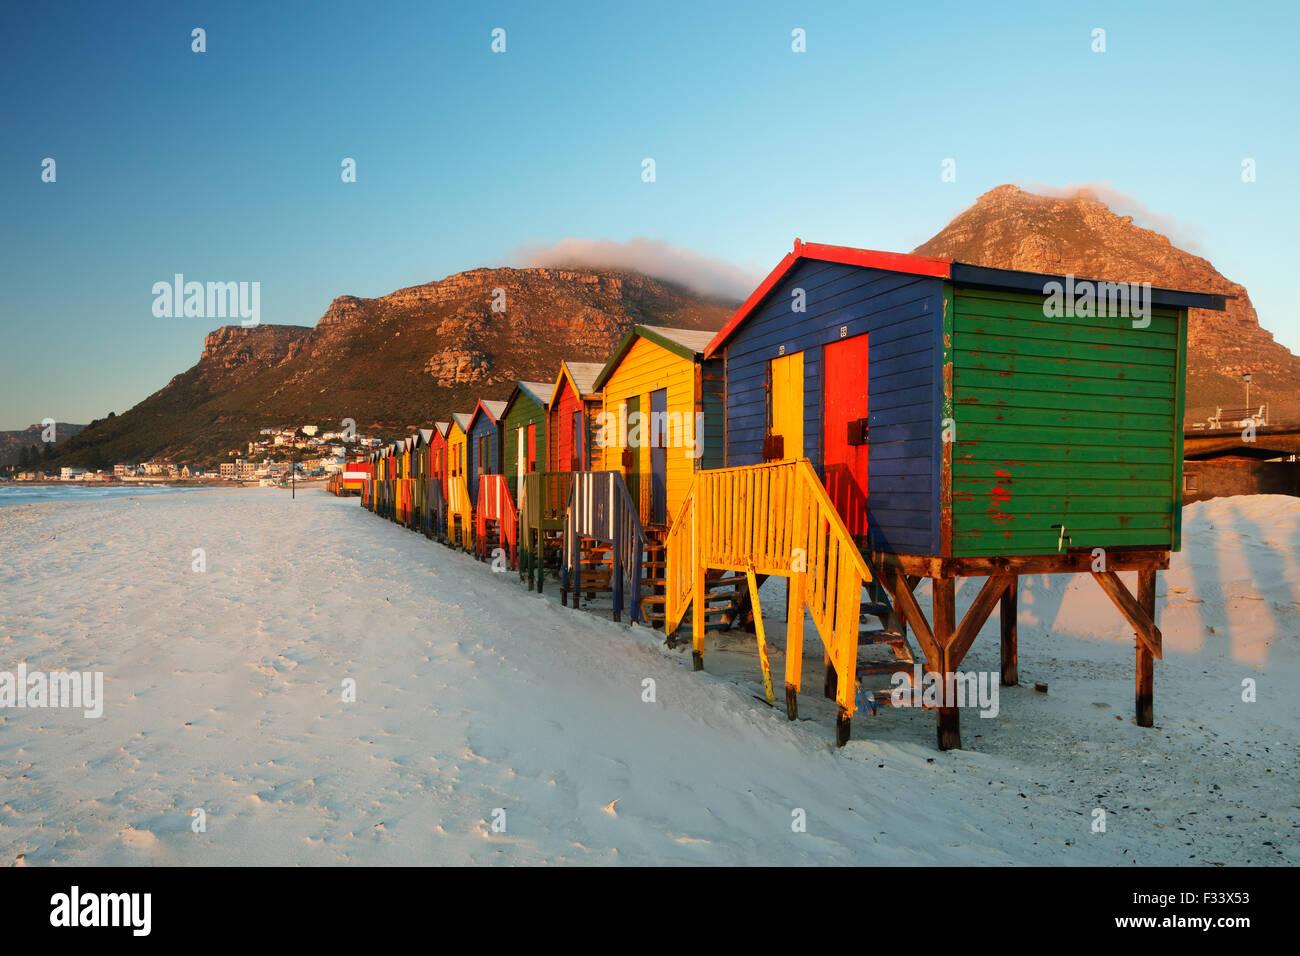 Strandhütten in Muizenberg, Western Cape, Südafrika Stockbild